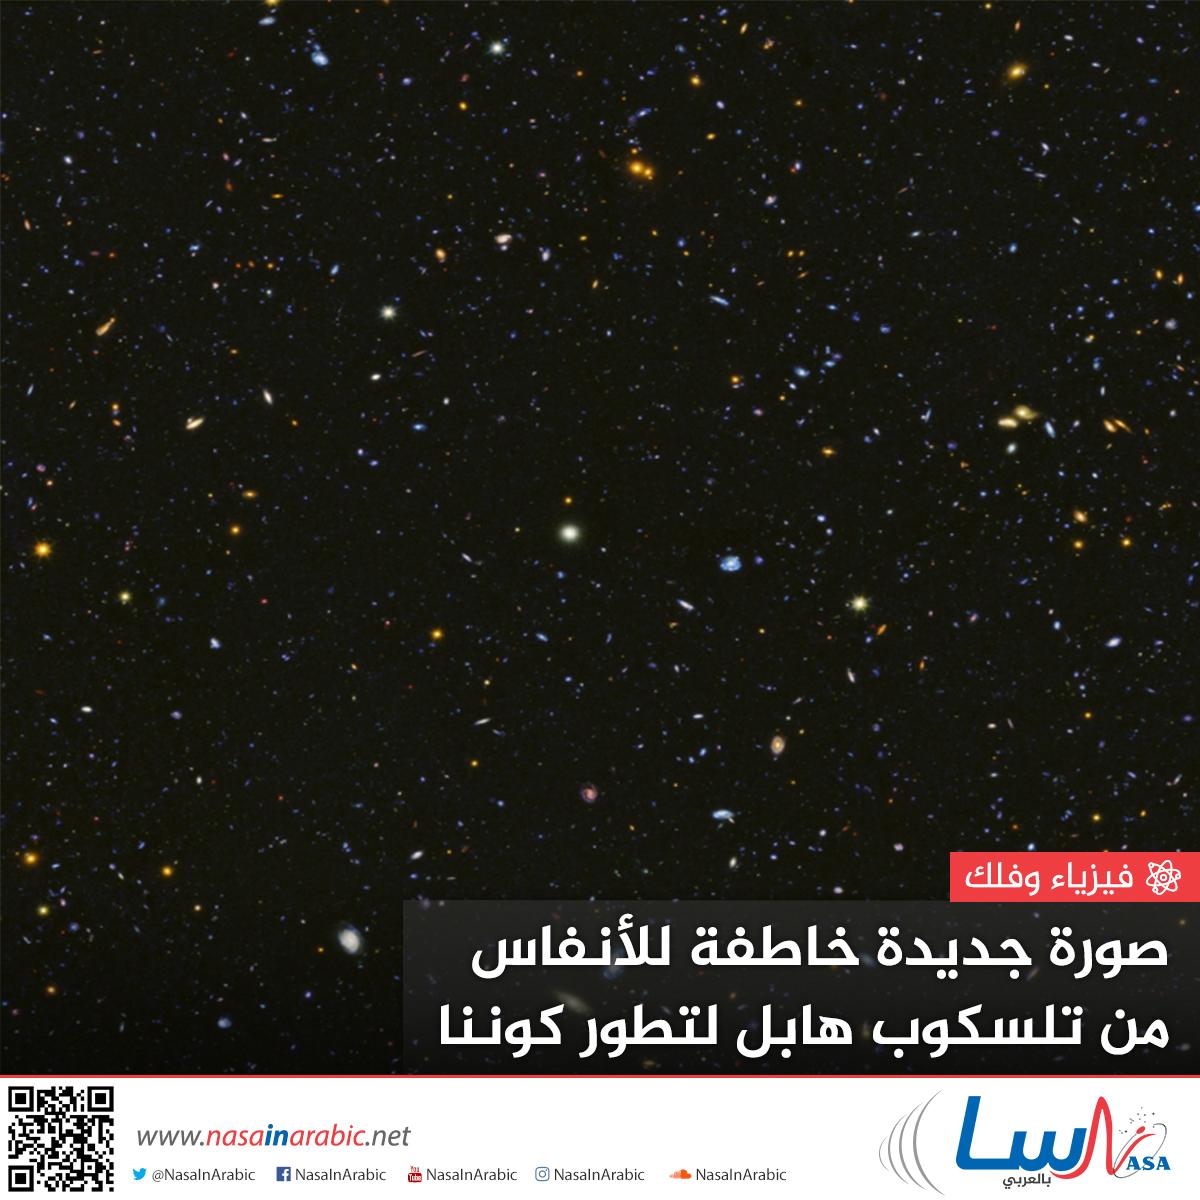 صورة جديدة خاطفة للأنفاس من تلسكوب هابل لتطور كوننا